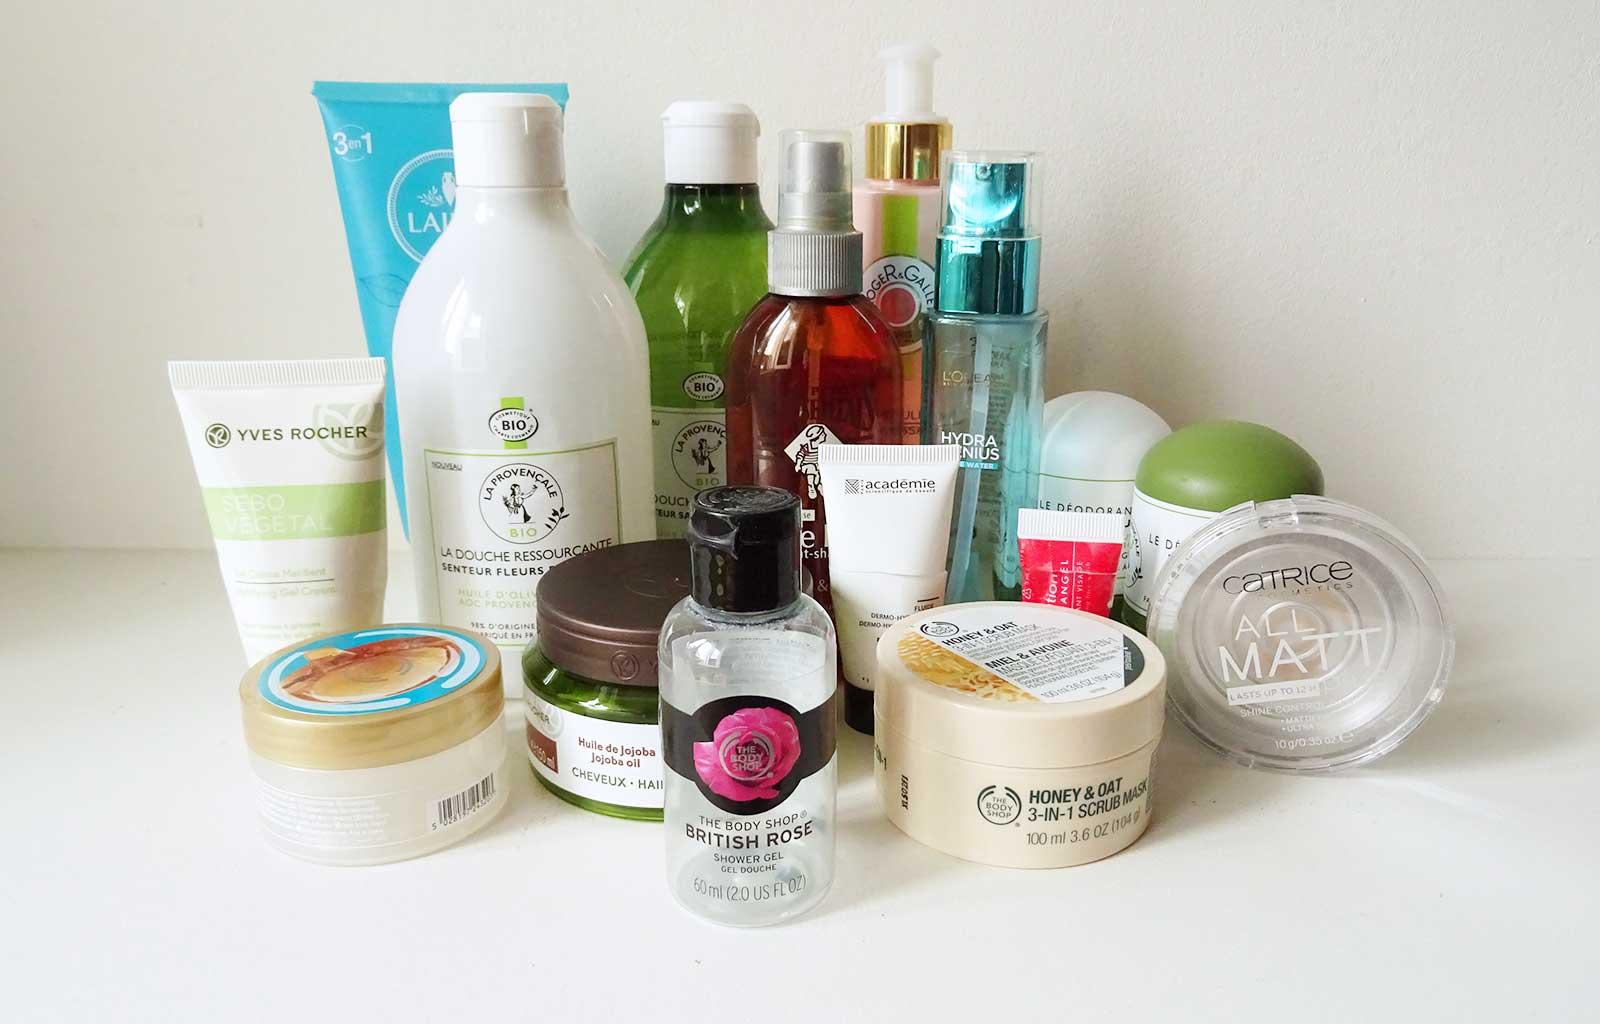 produits terminés soins visage corps cheveux maquillage